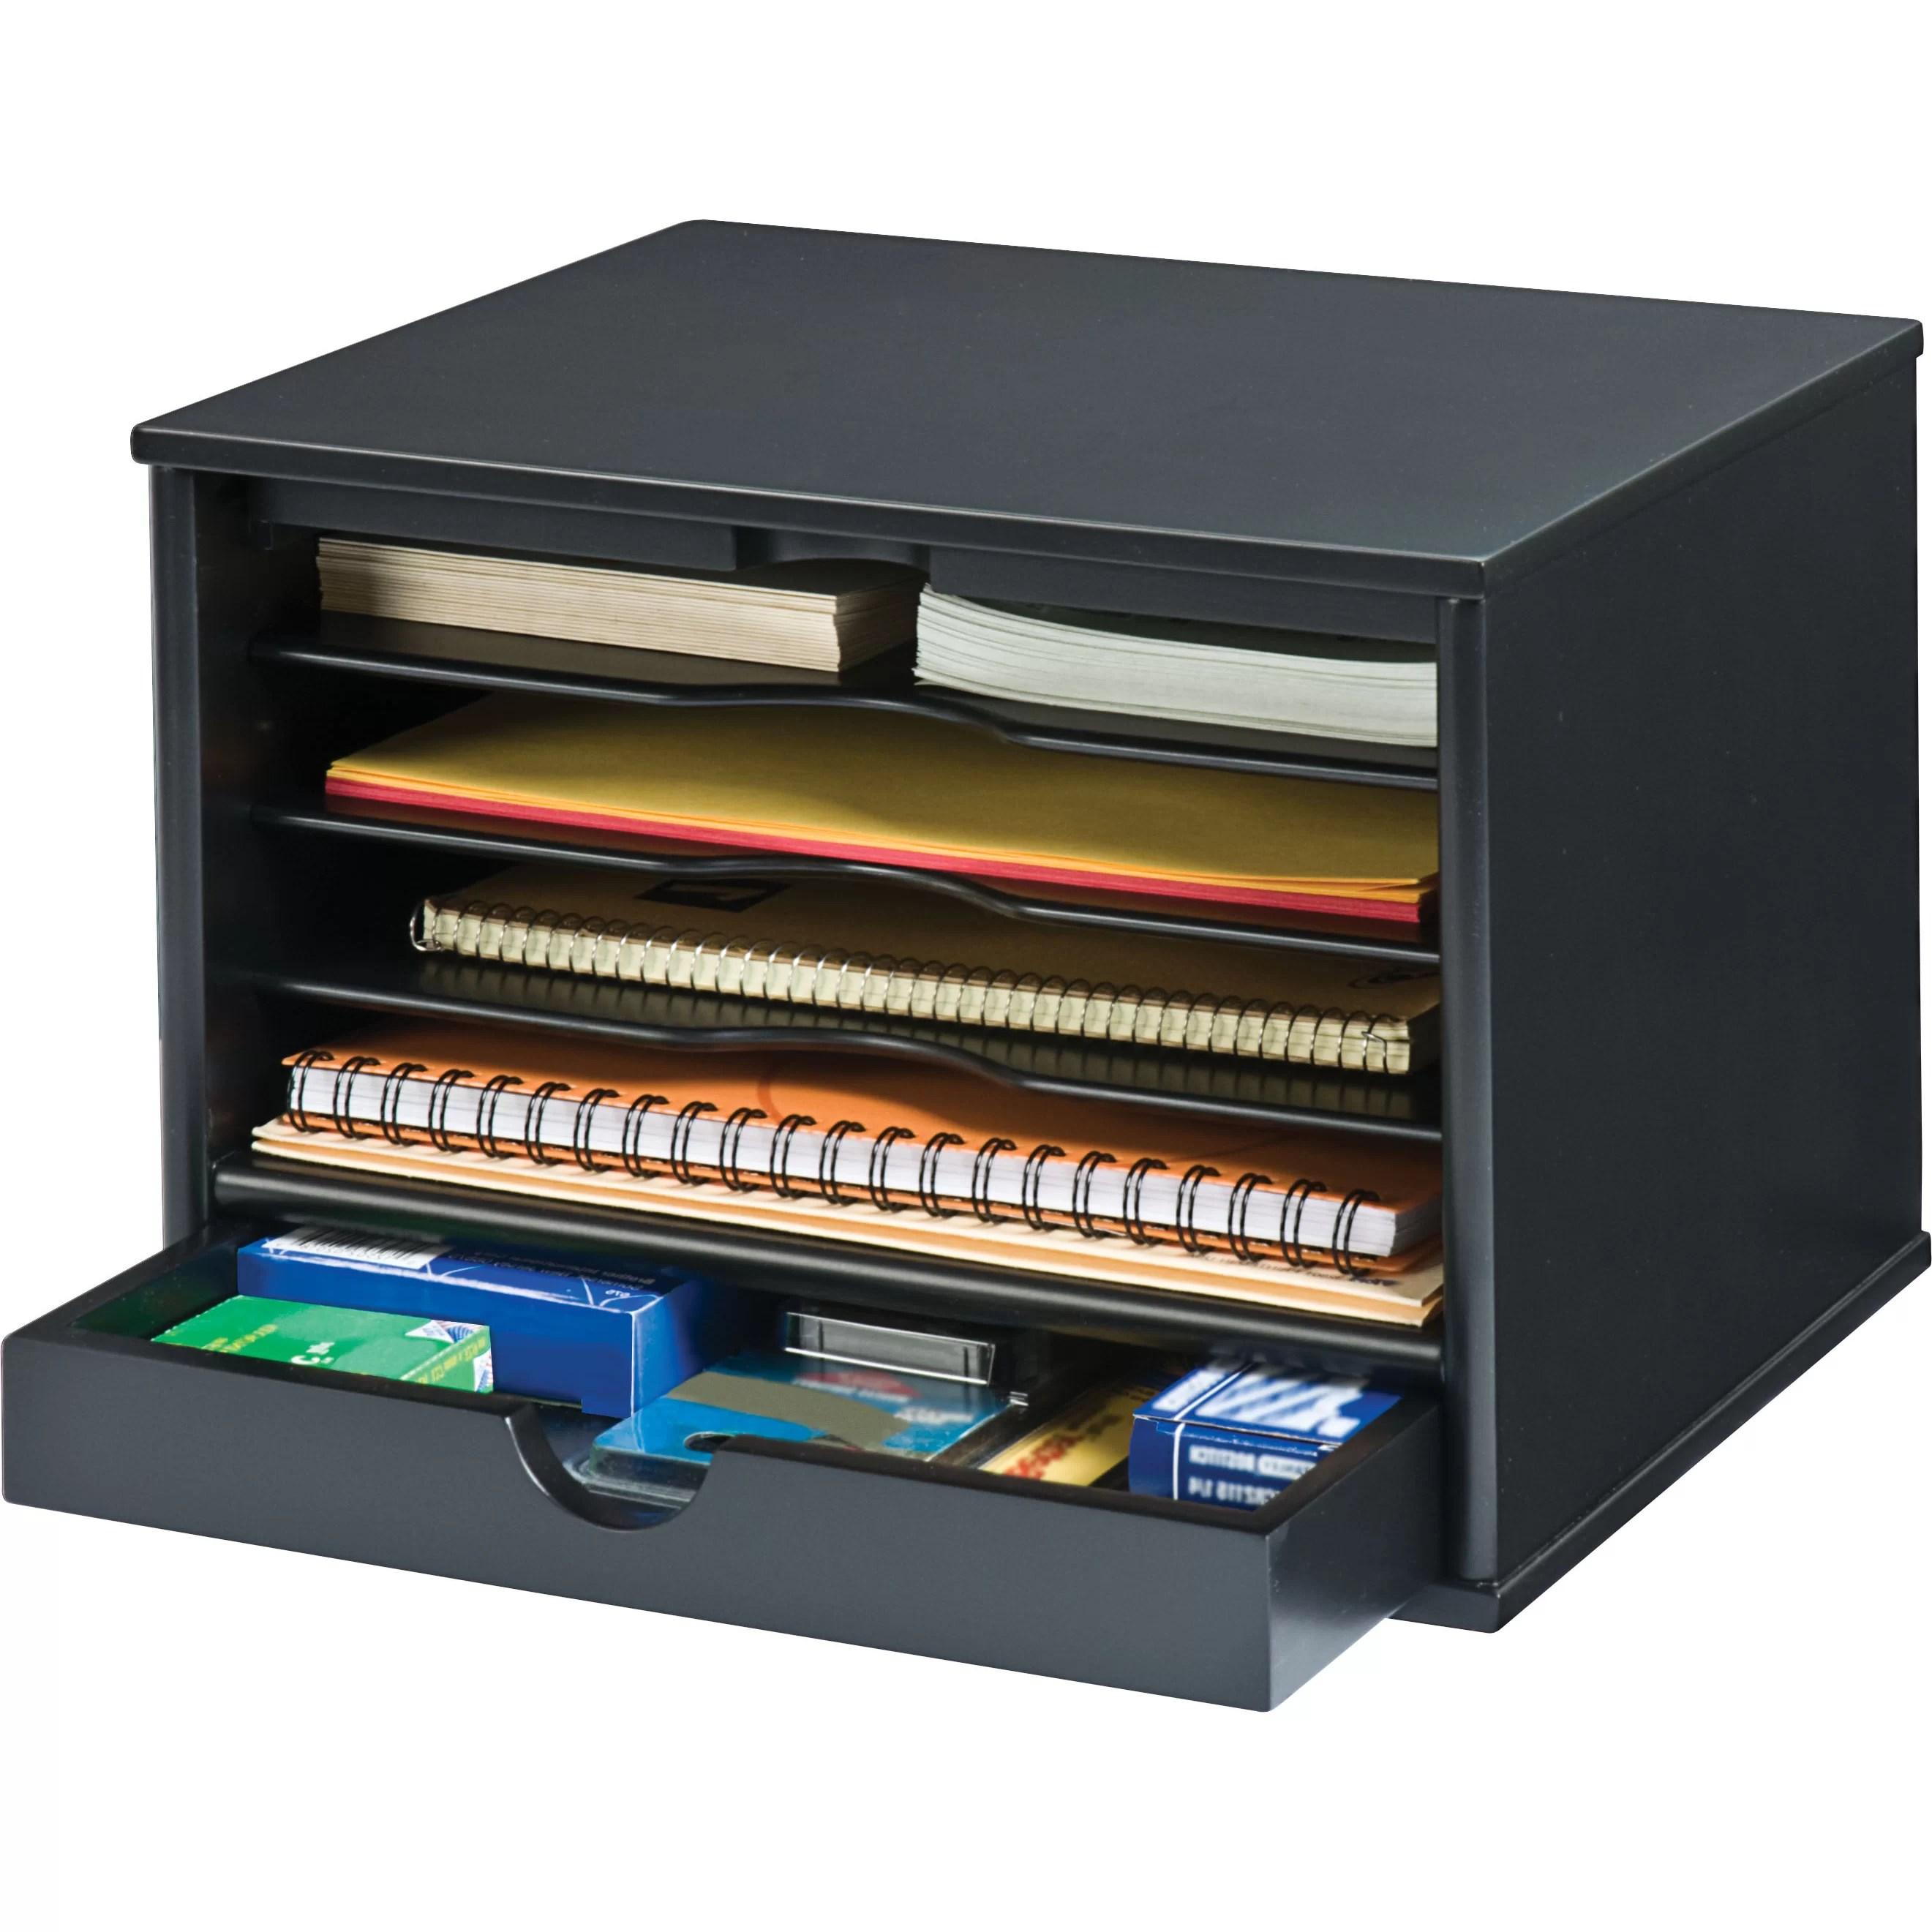 Victor Technology Desktop Organizer  Reviews  Wayfair